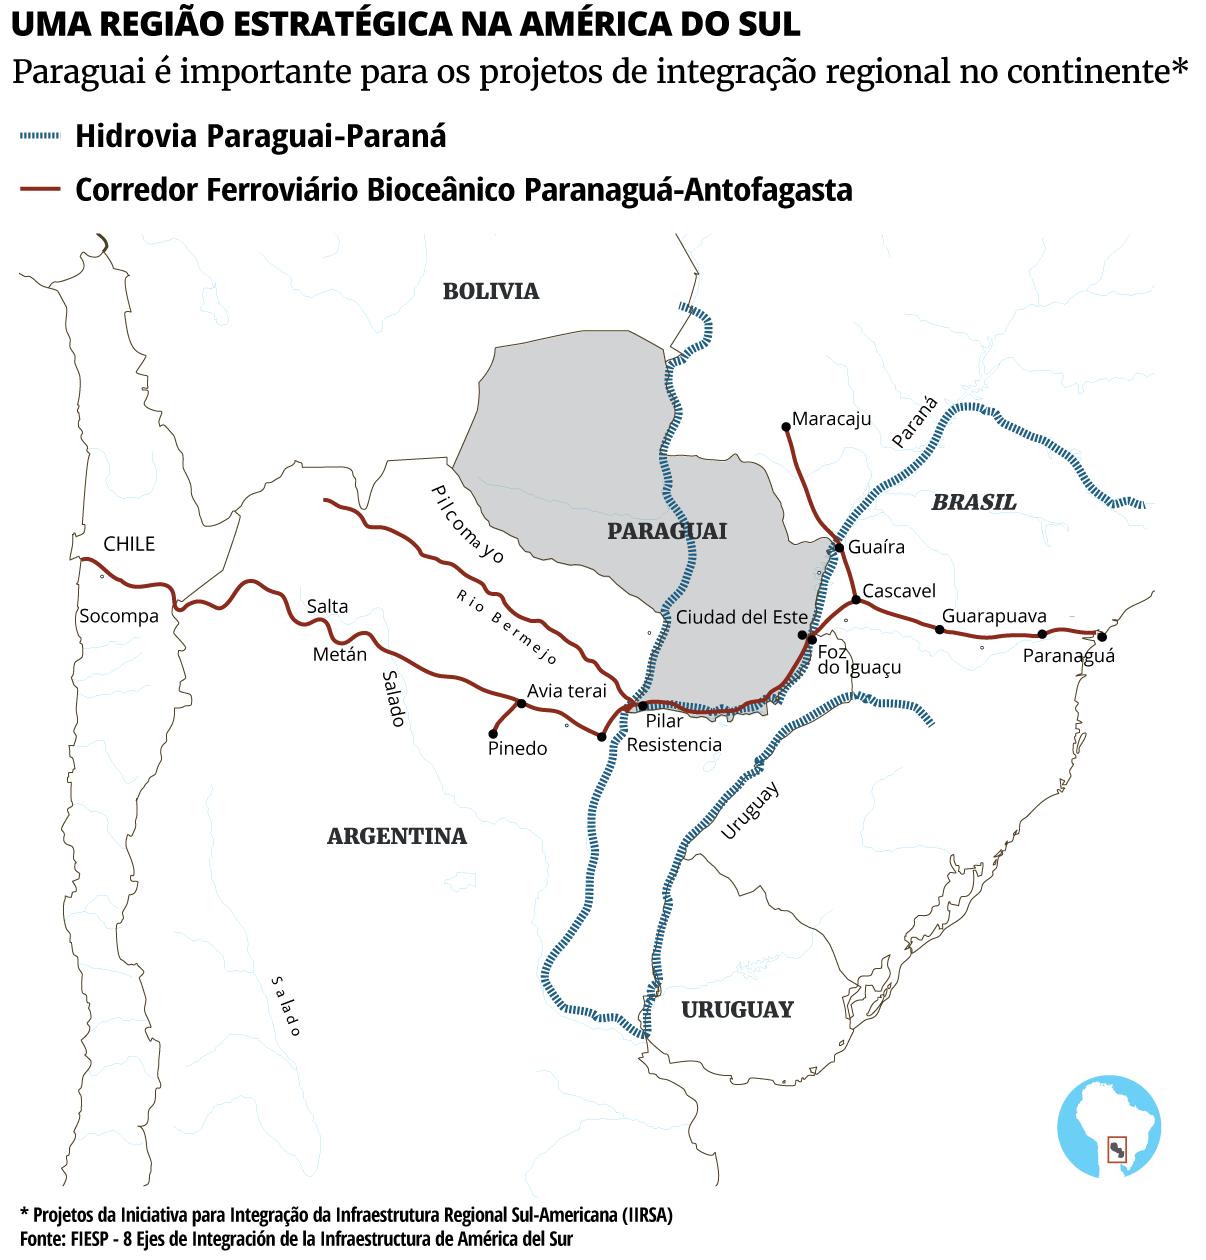 Paraguai é importante para os projetos de integração regional no continente